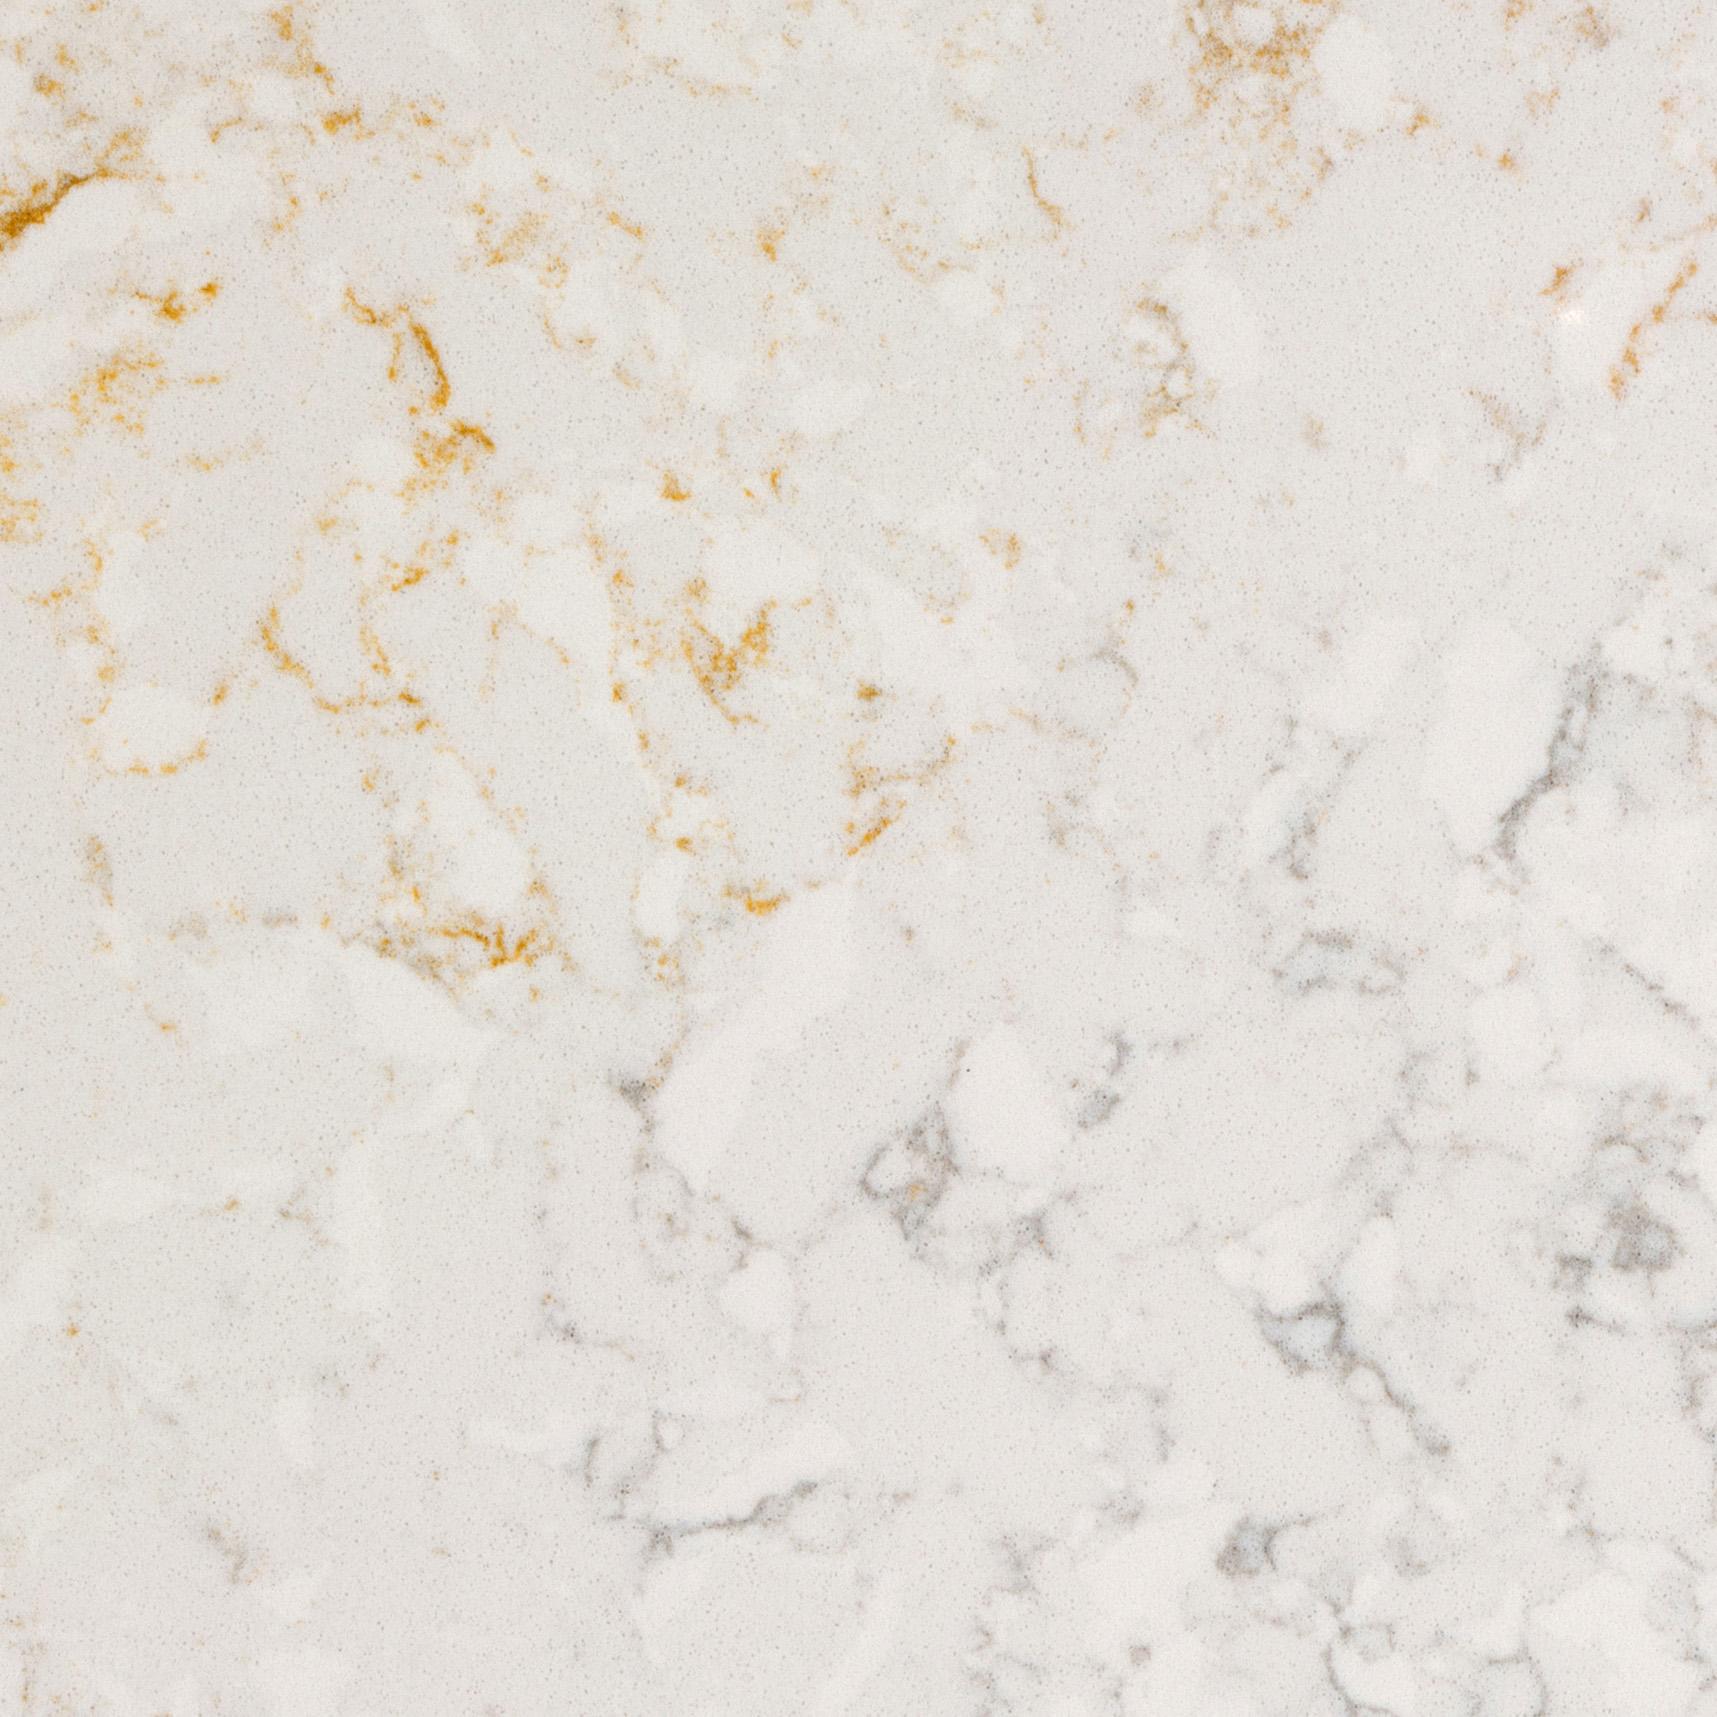 Pulsar Colonial Marble Amp Granite